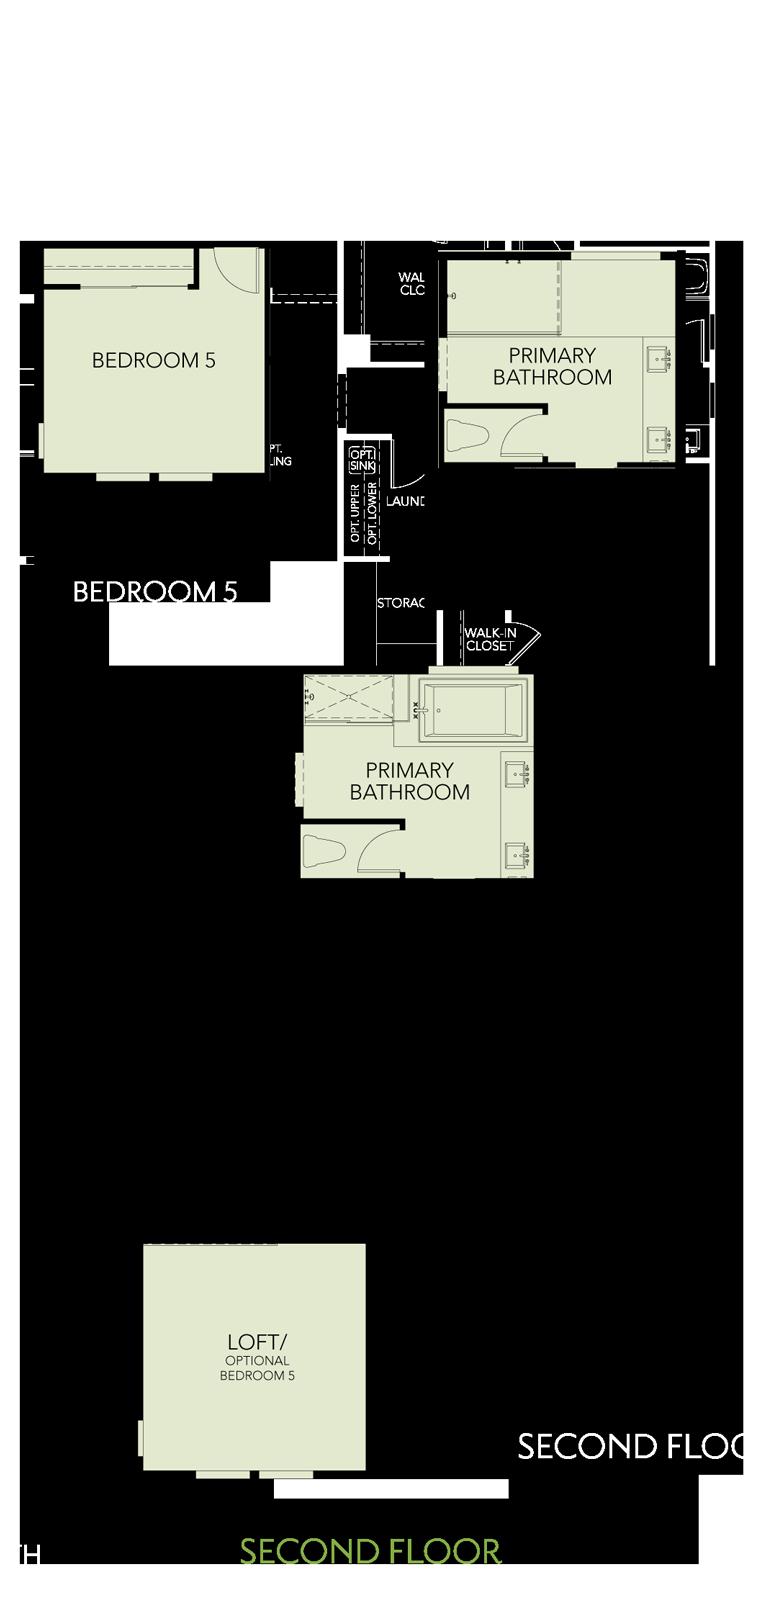 Shimmer at One Lake Floor Plan   Residence 1   Floor 2